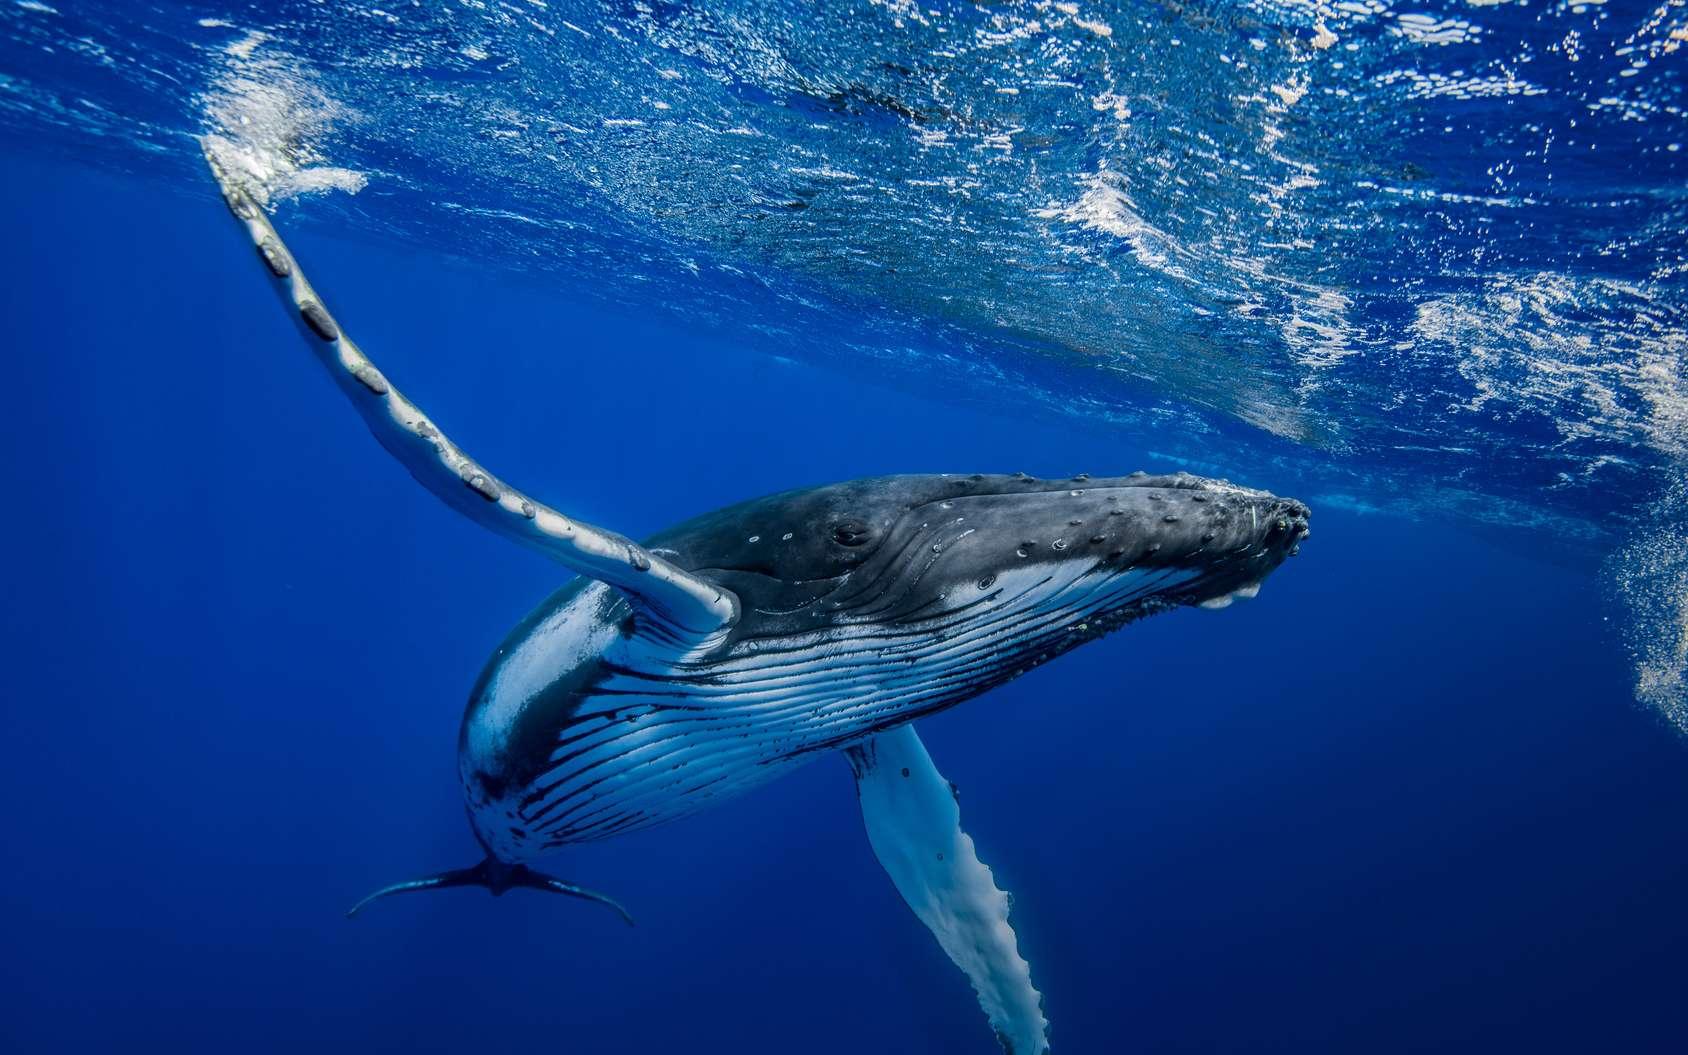 Les baleines à bosse pourront bientôt compter sur l'IA de Google pour vivre un peu plus en paix. © romain, Fotolia